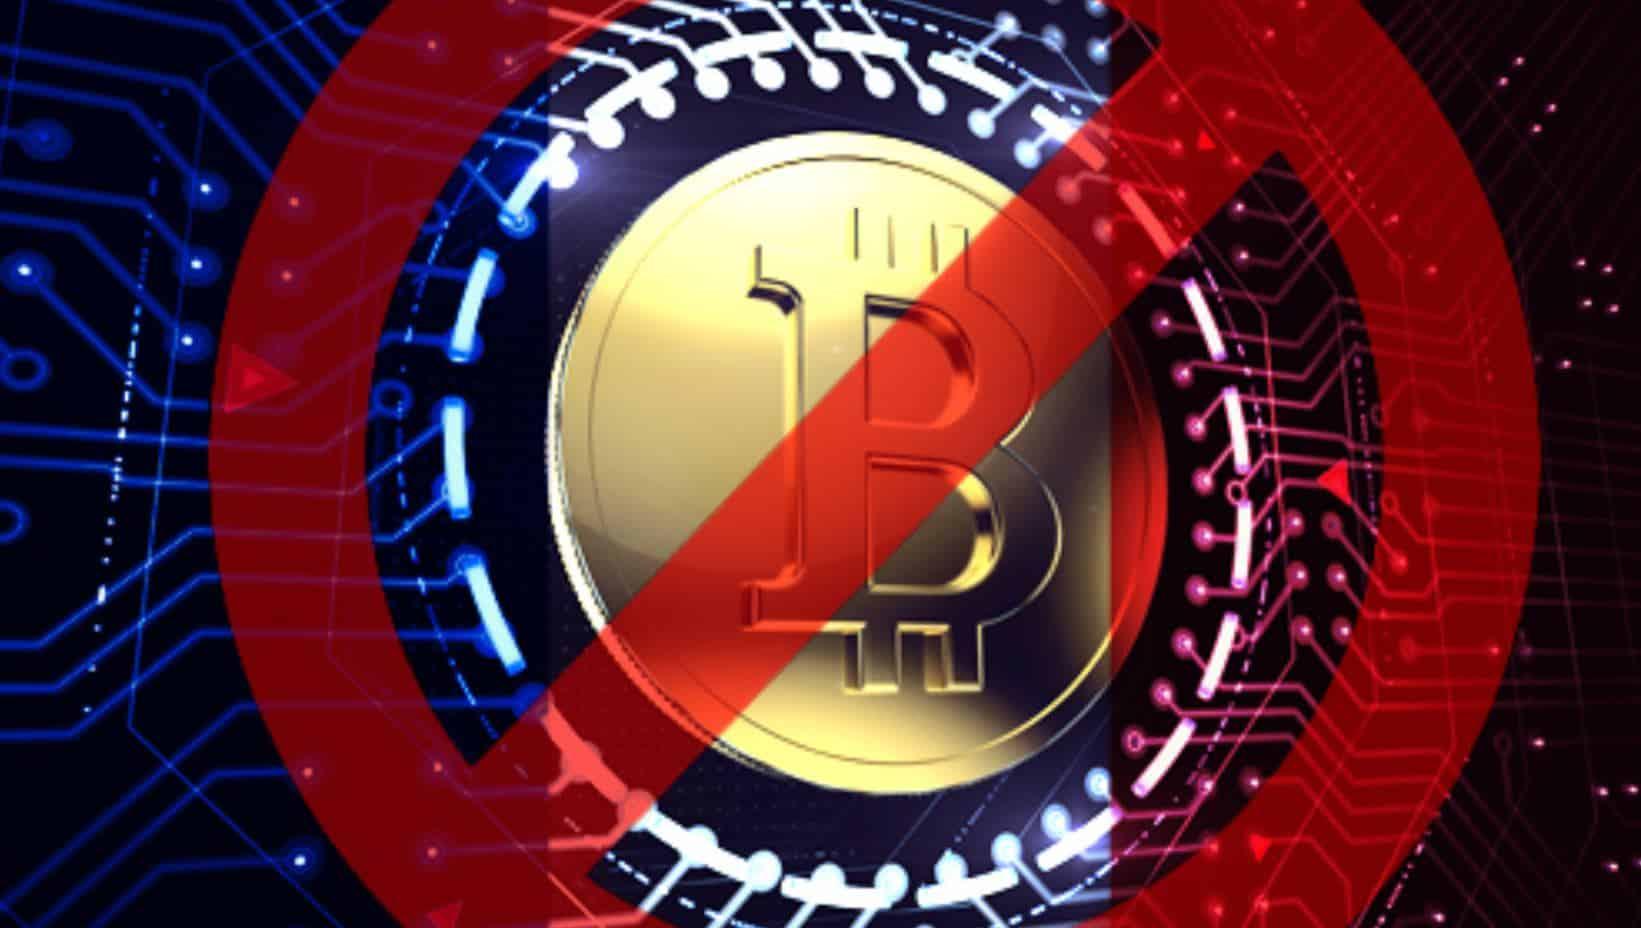 bitcoin-ban الكويت تحارب بيتكوين وتحذر من الاستثمار في العملات الرقمية